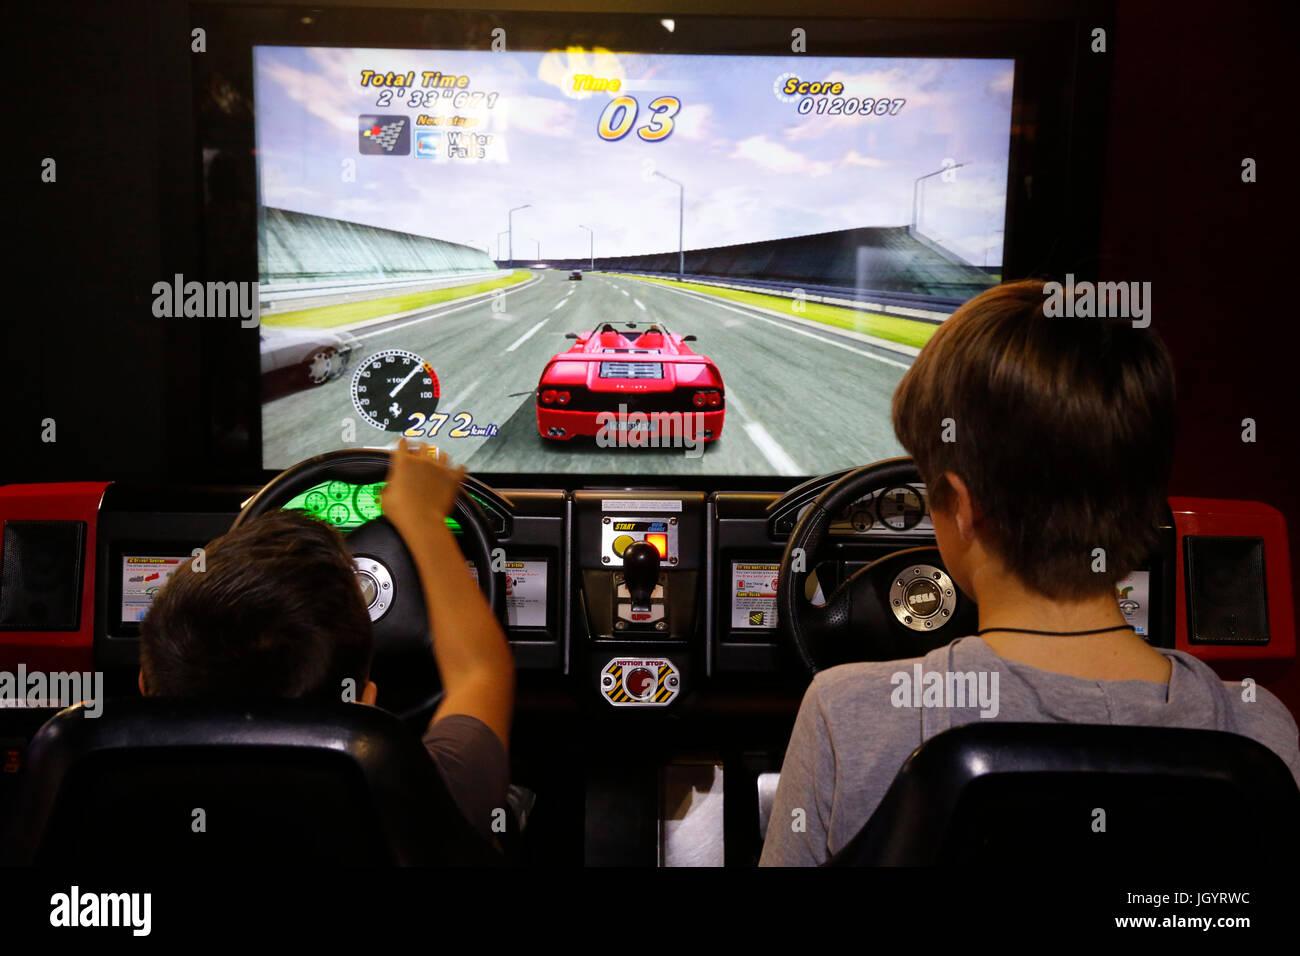 Des garçons jouent à un jeu vidéo. La France. Photo Stock